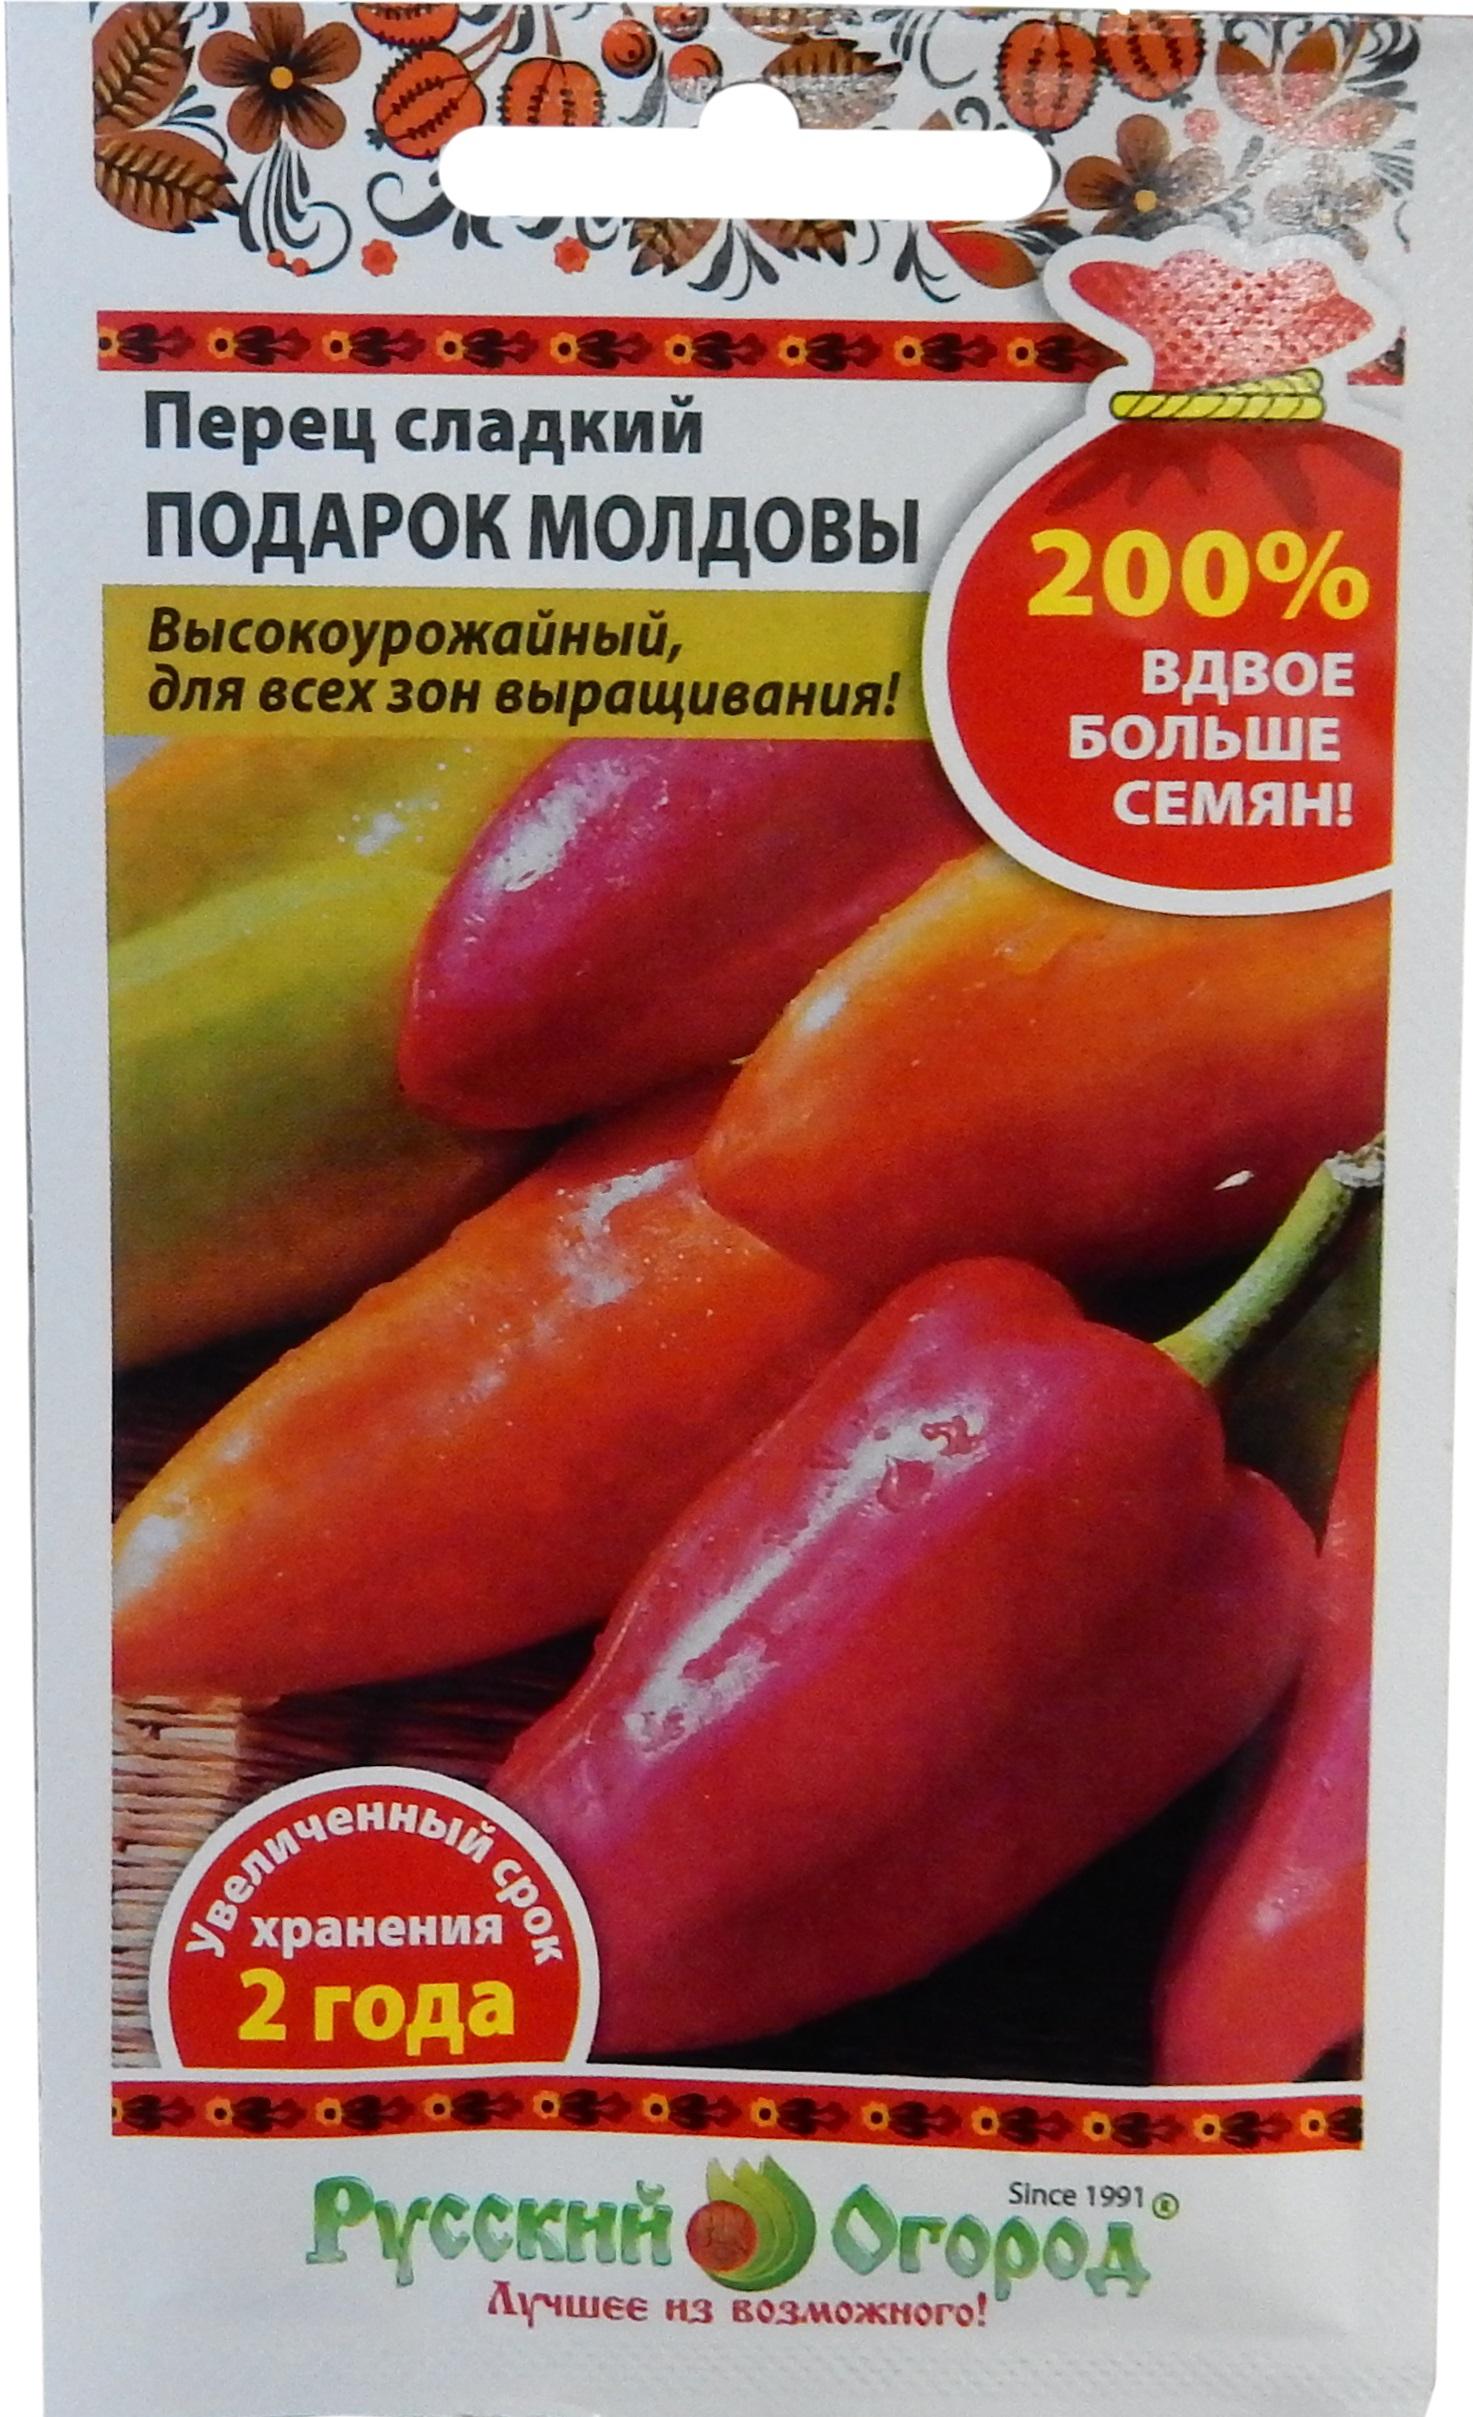 Перец сорт подарок молдовы отзывы фото